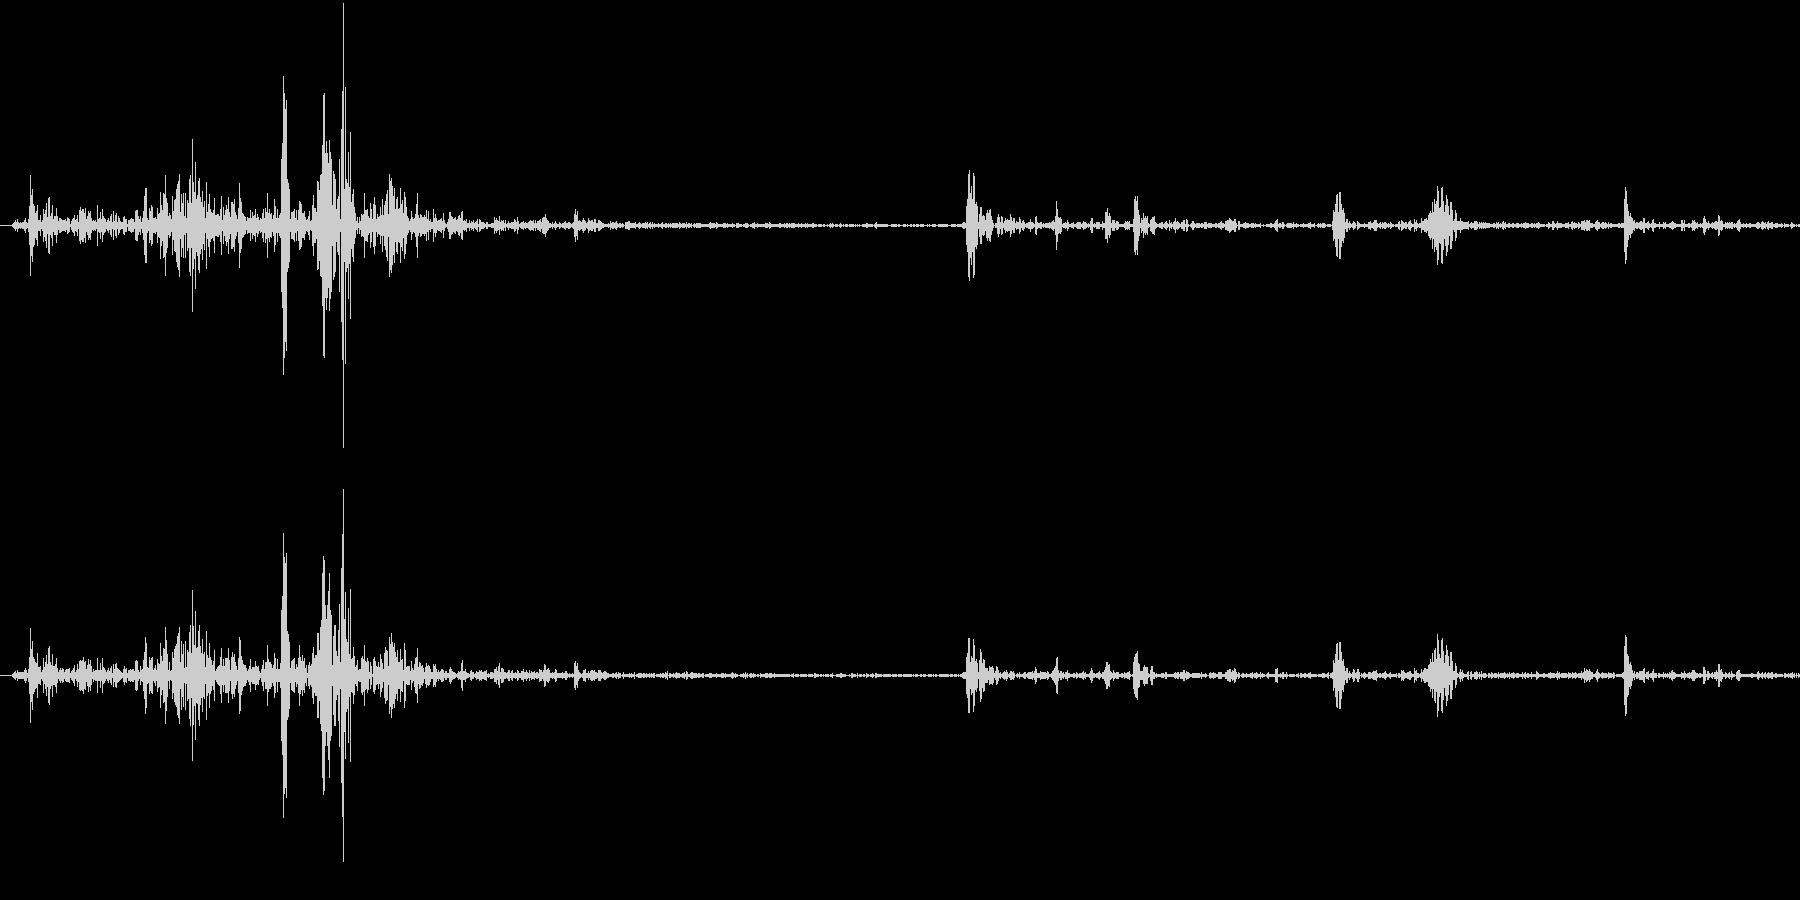 Fish 魚がピチャッと跳ねる音 3の未再生の波形